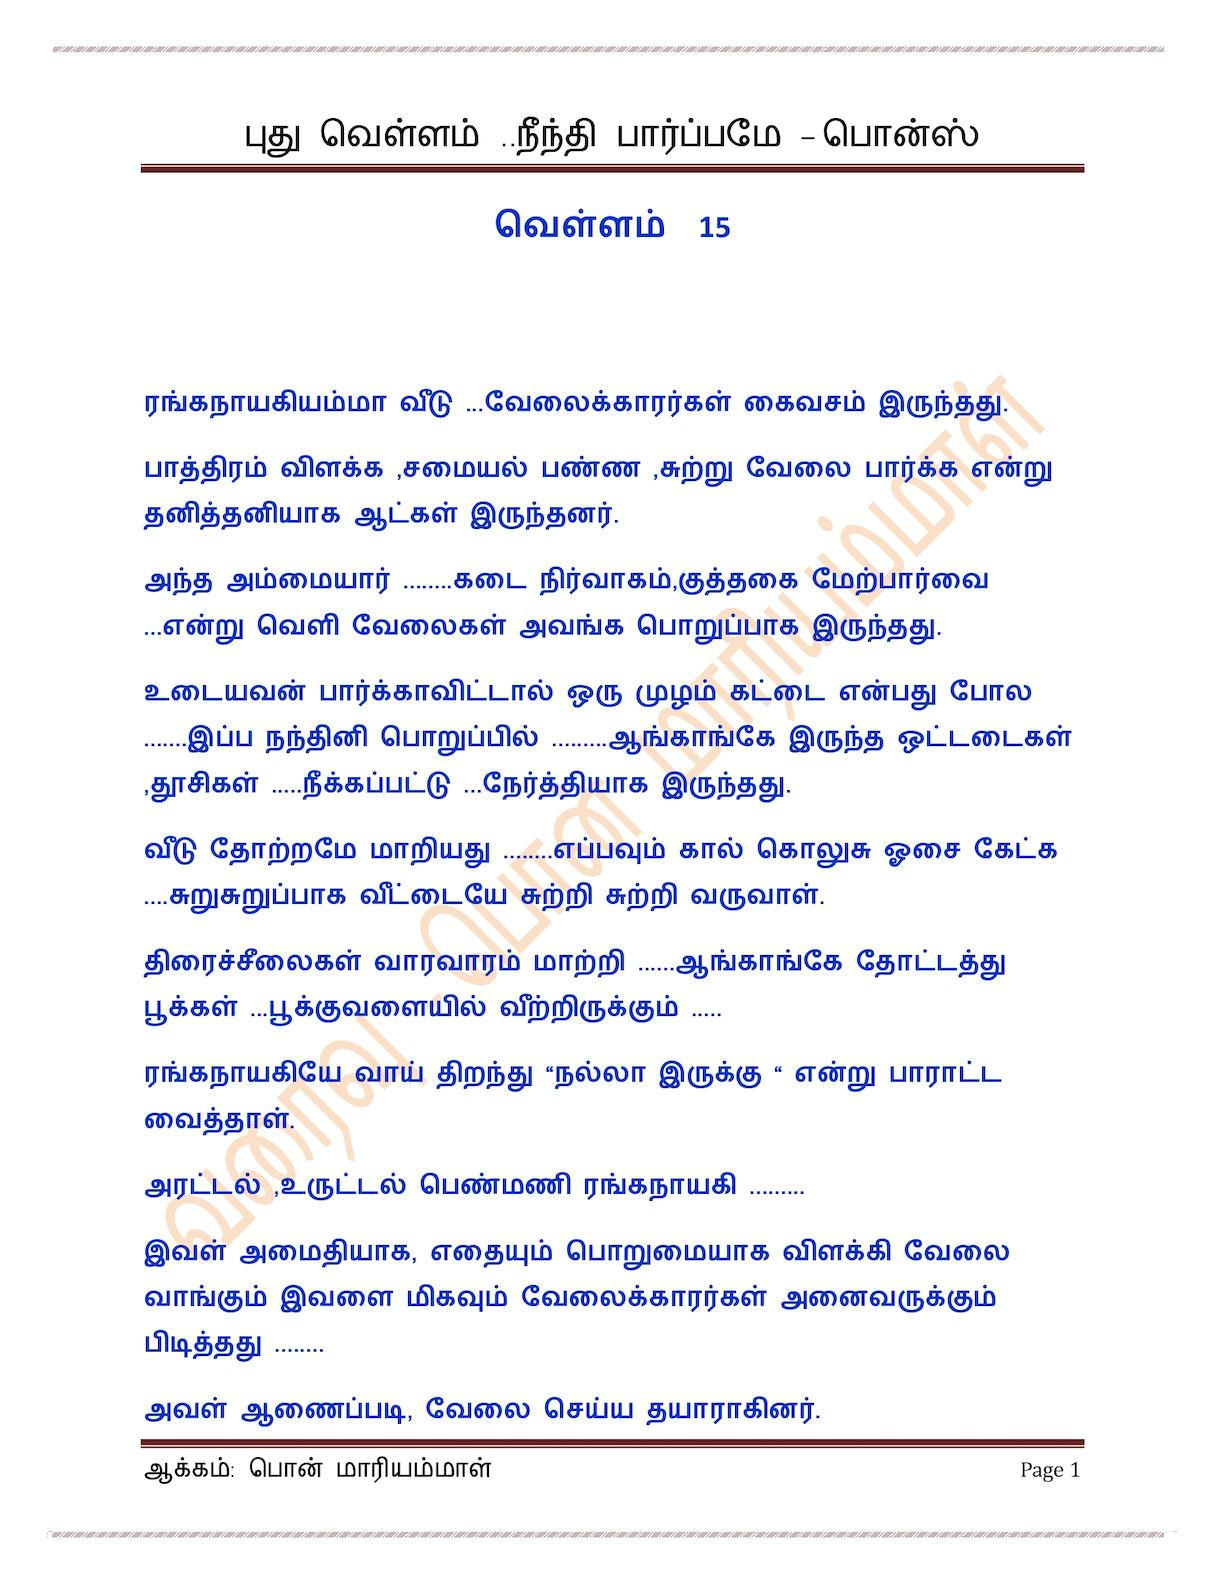 வெள்ளம் 15